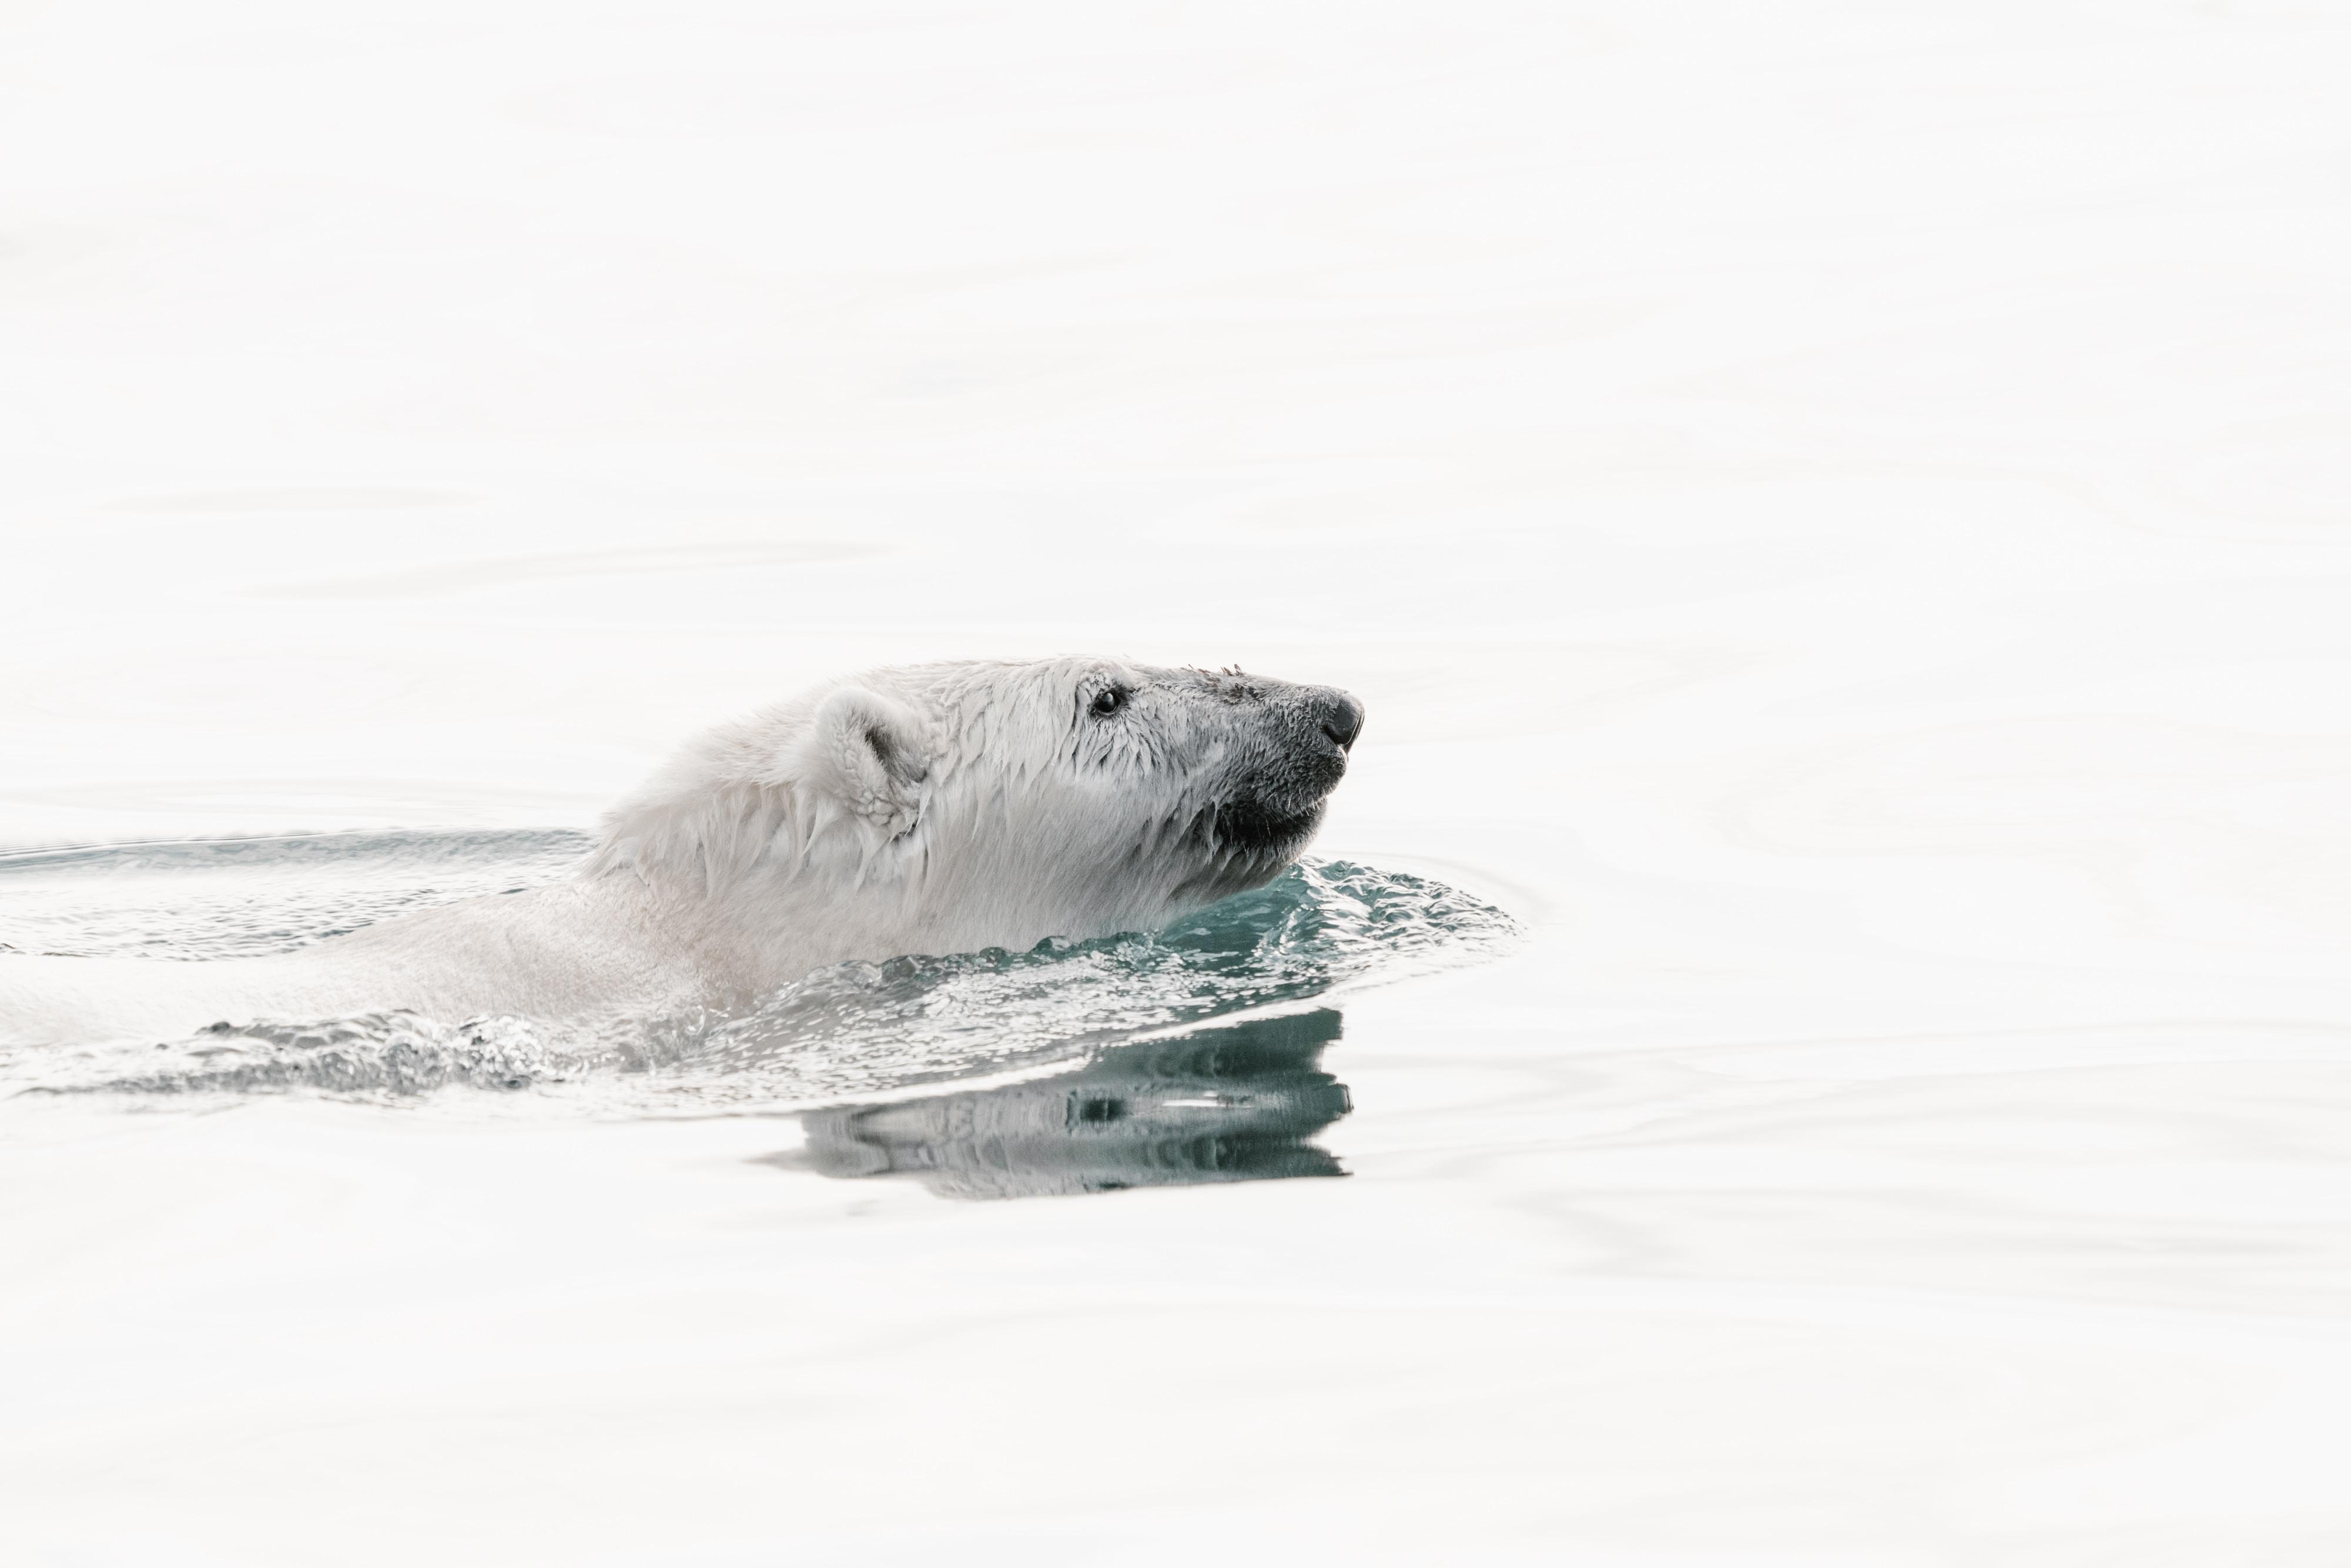 white polar bear swimming in water